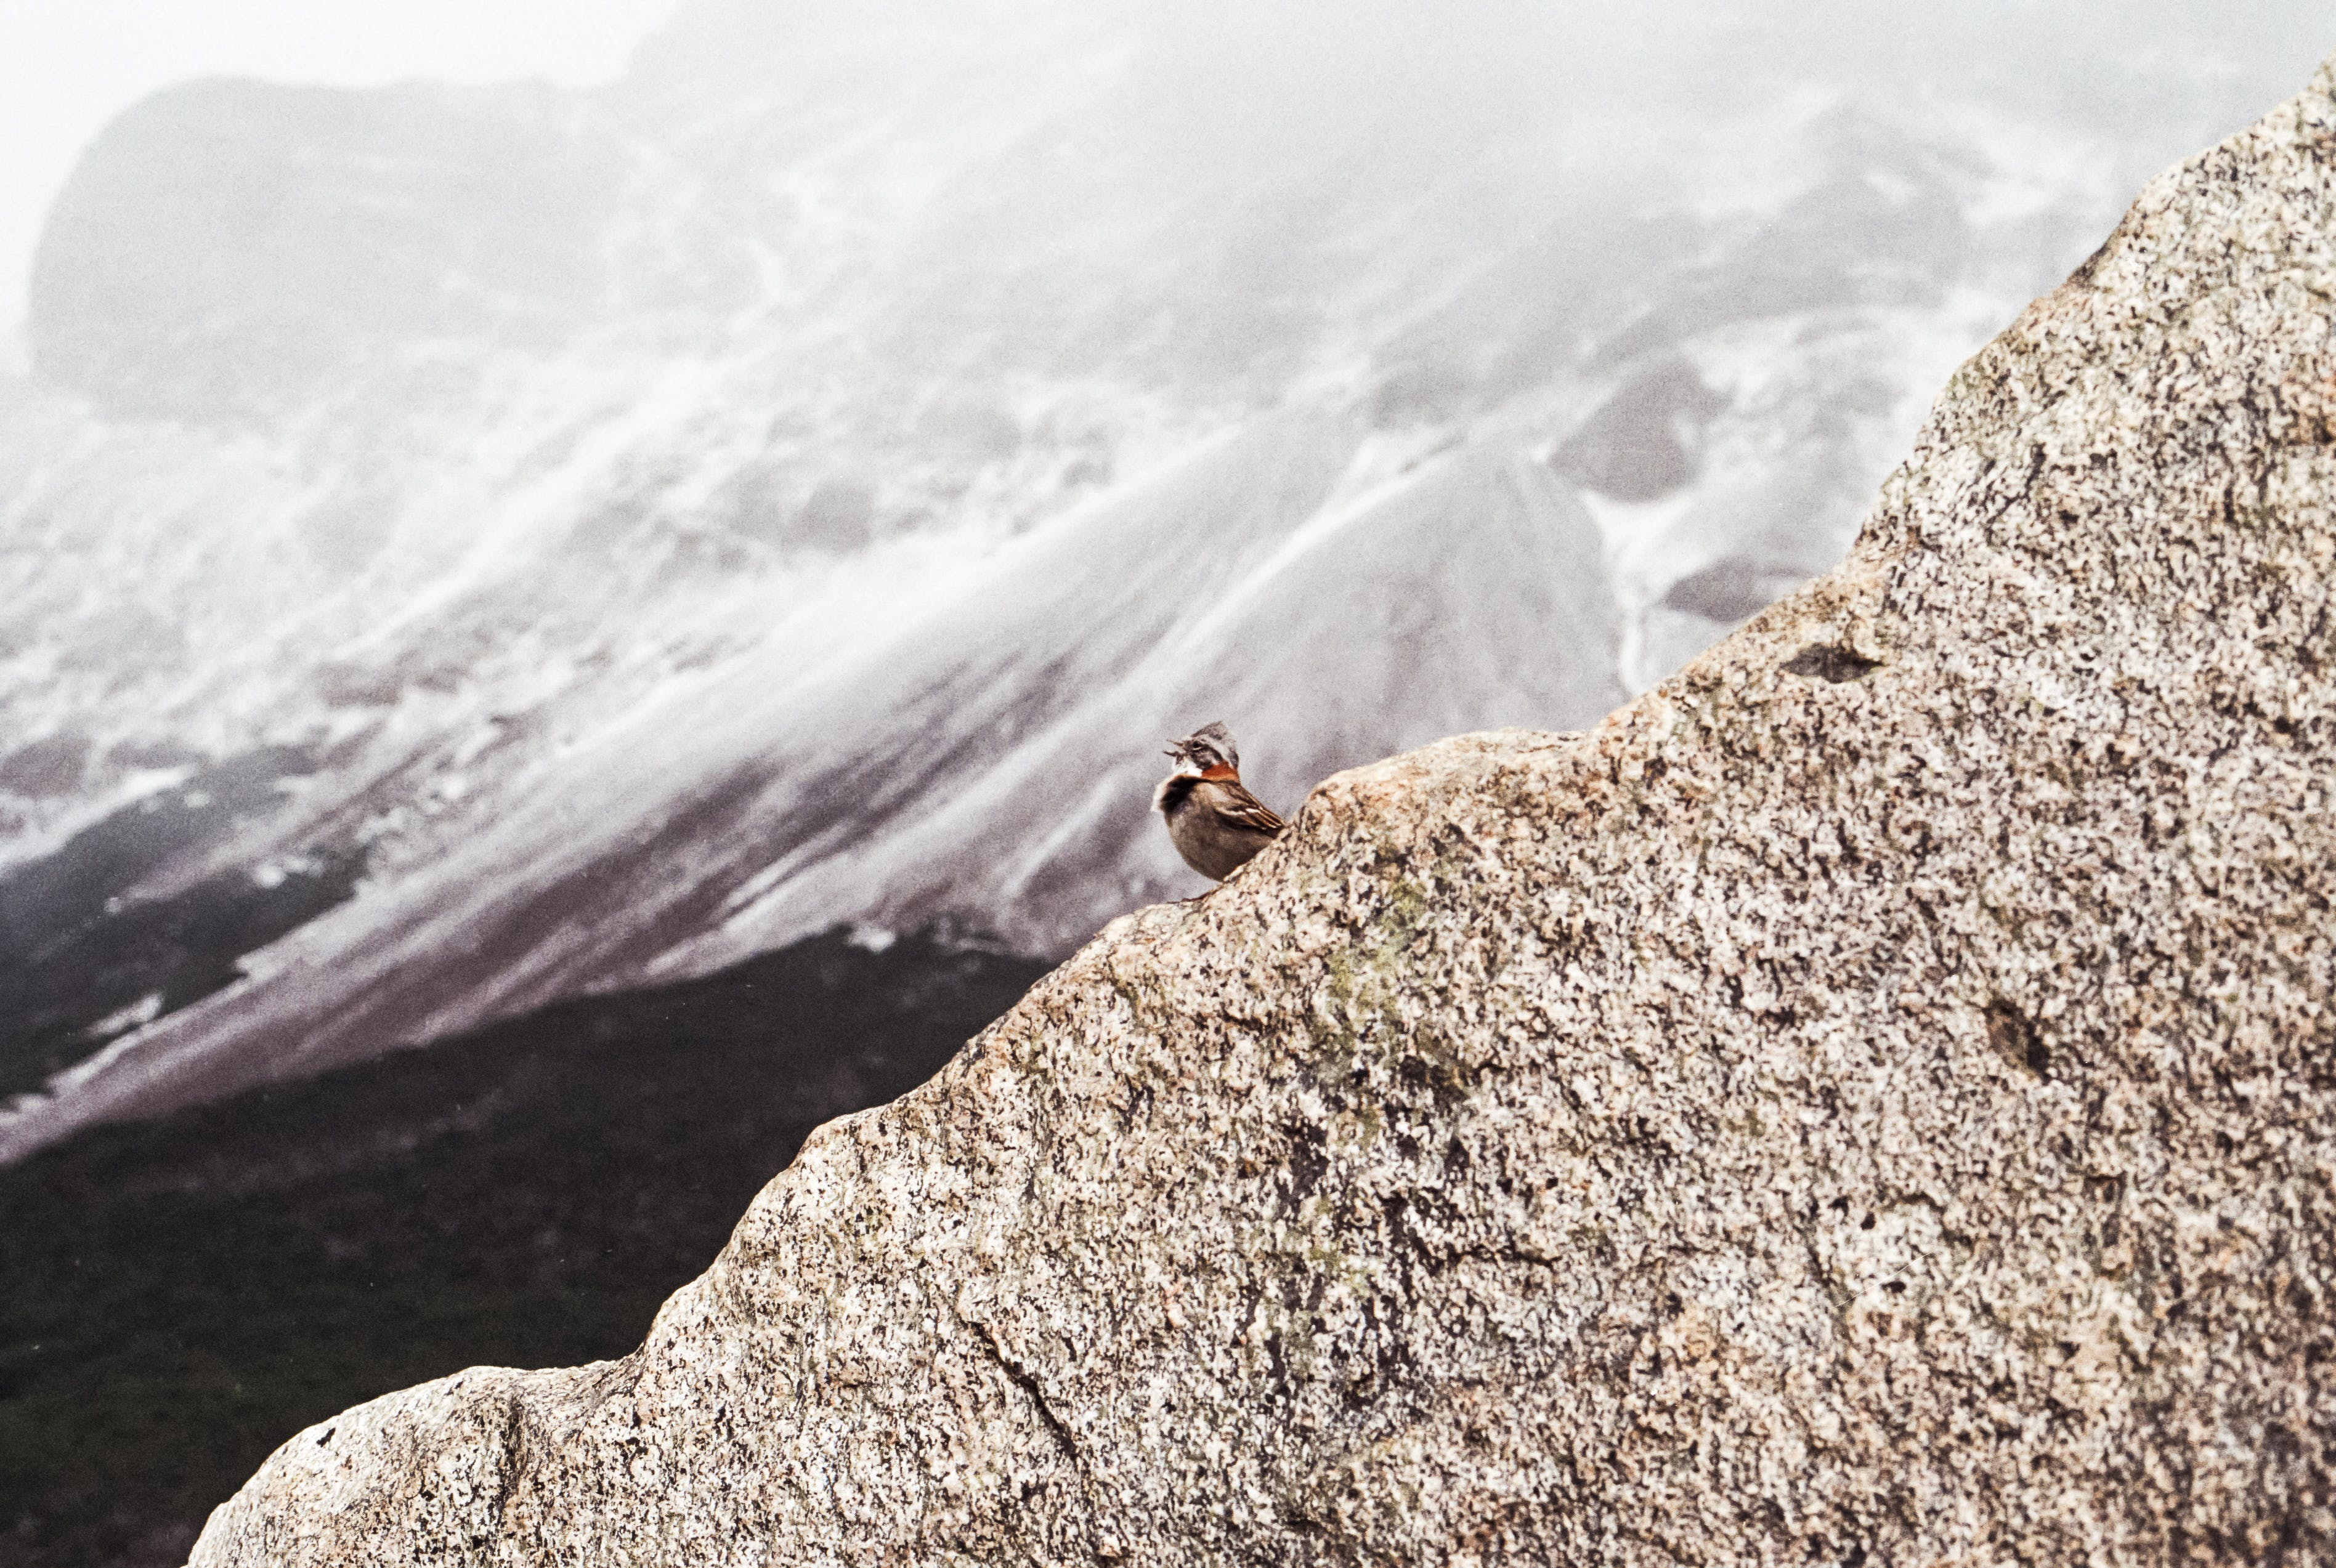 Gratis lagerfoto af 35 mm, analogt kamera, bjerge, Chile